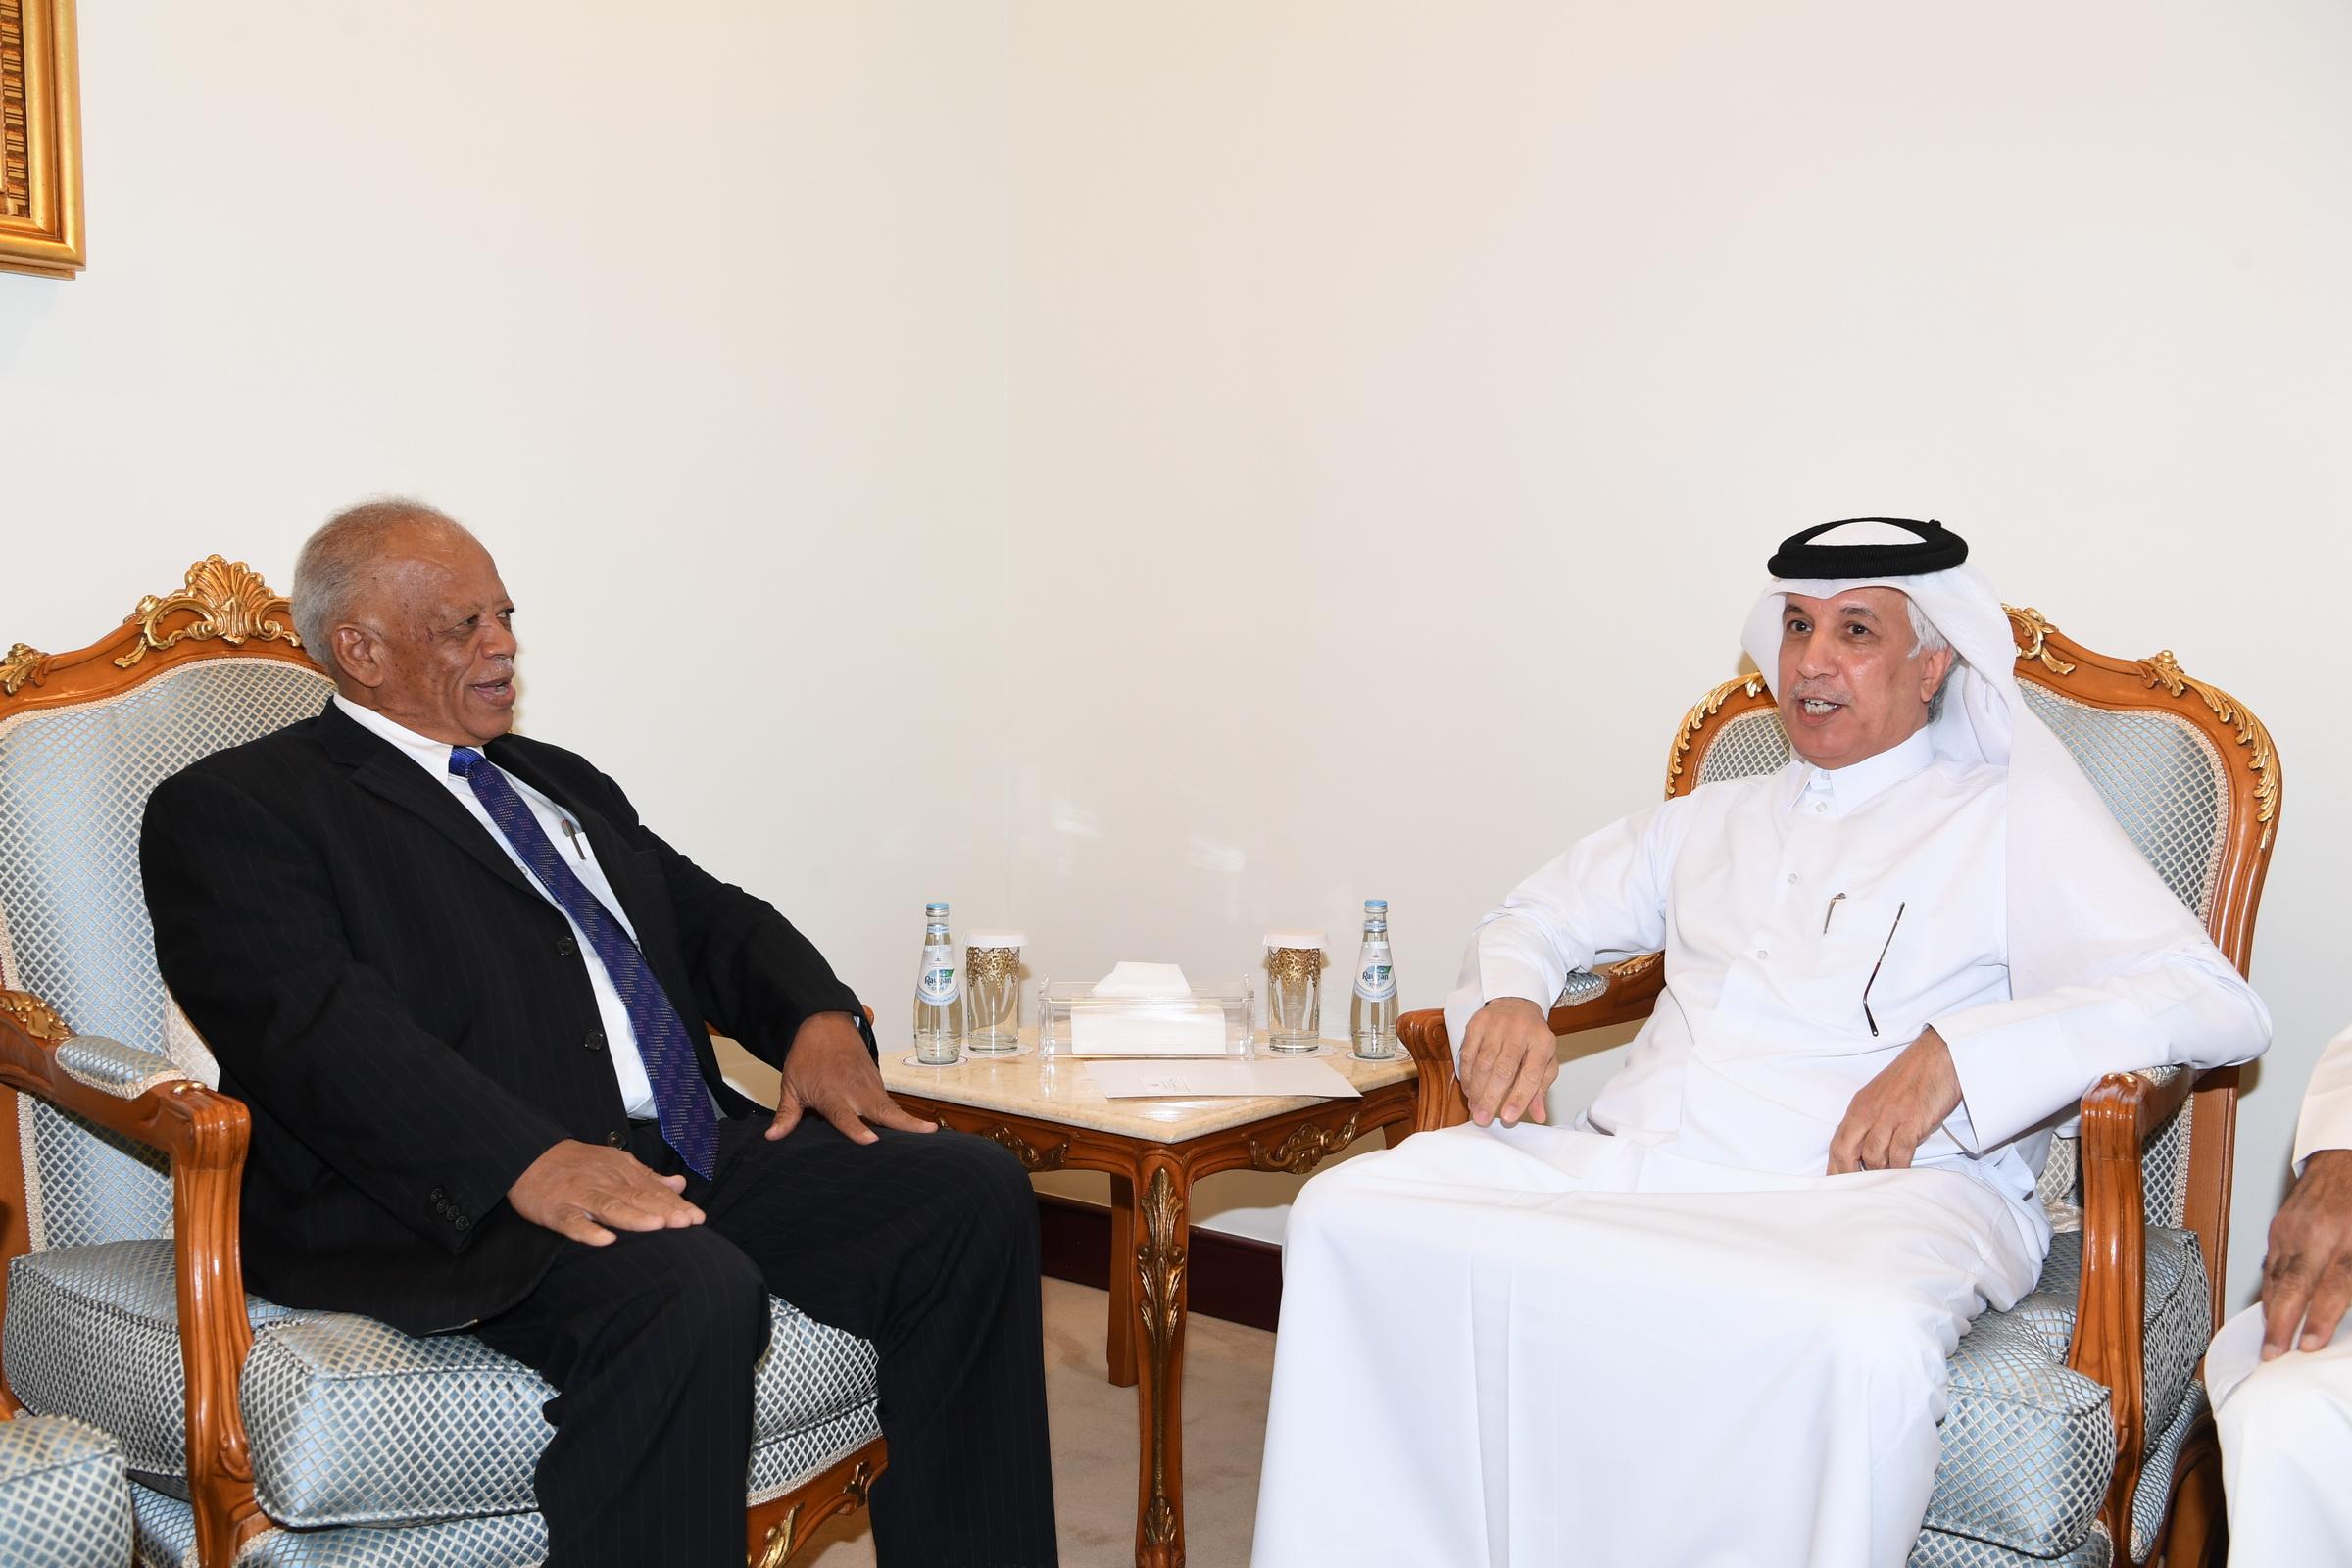 وزير الدولة للشؤون الخارجية يجتمع مع وكيل وزارة الخارجية السوداني